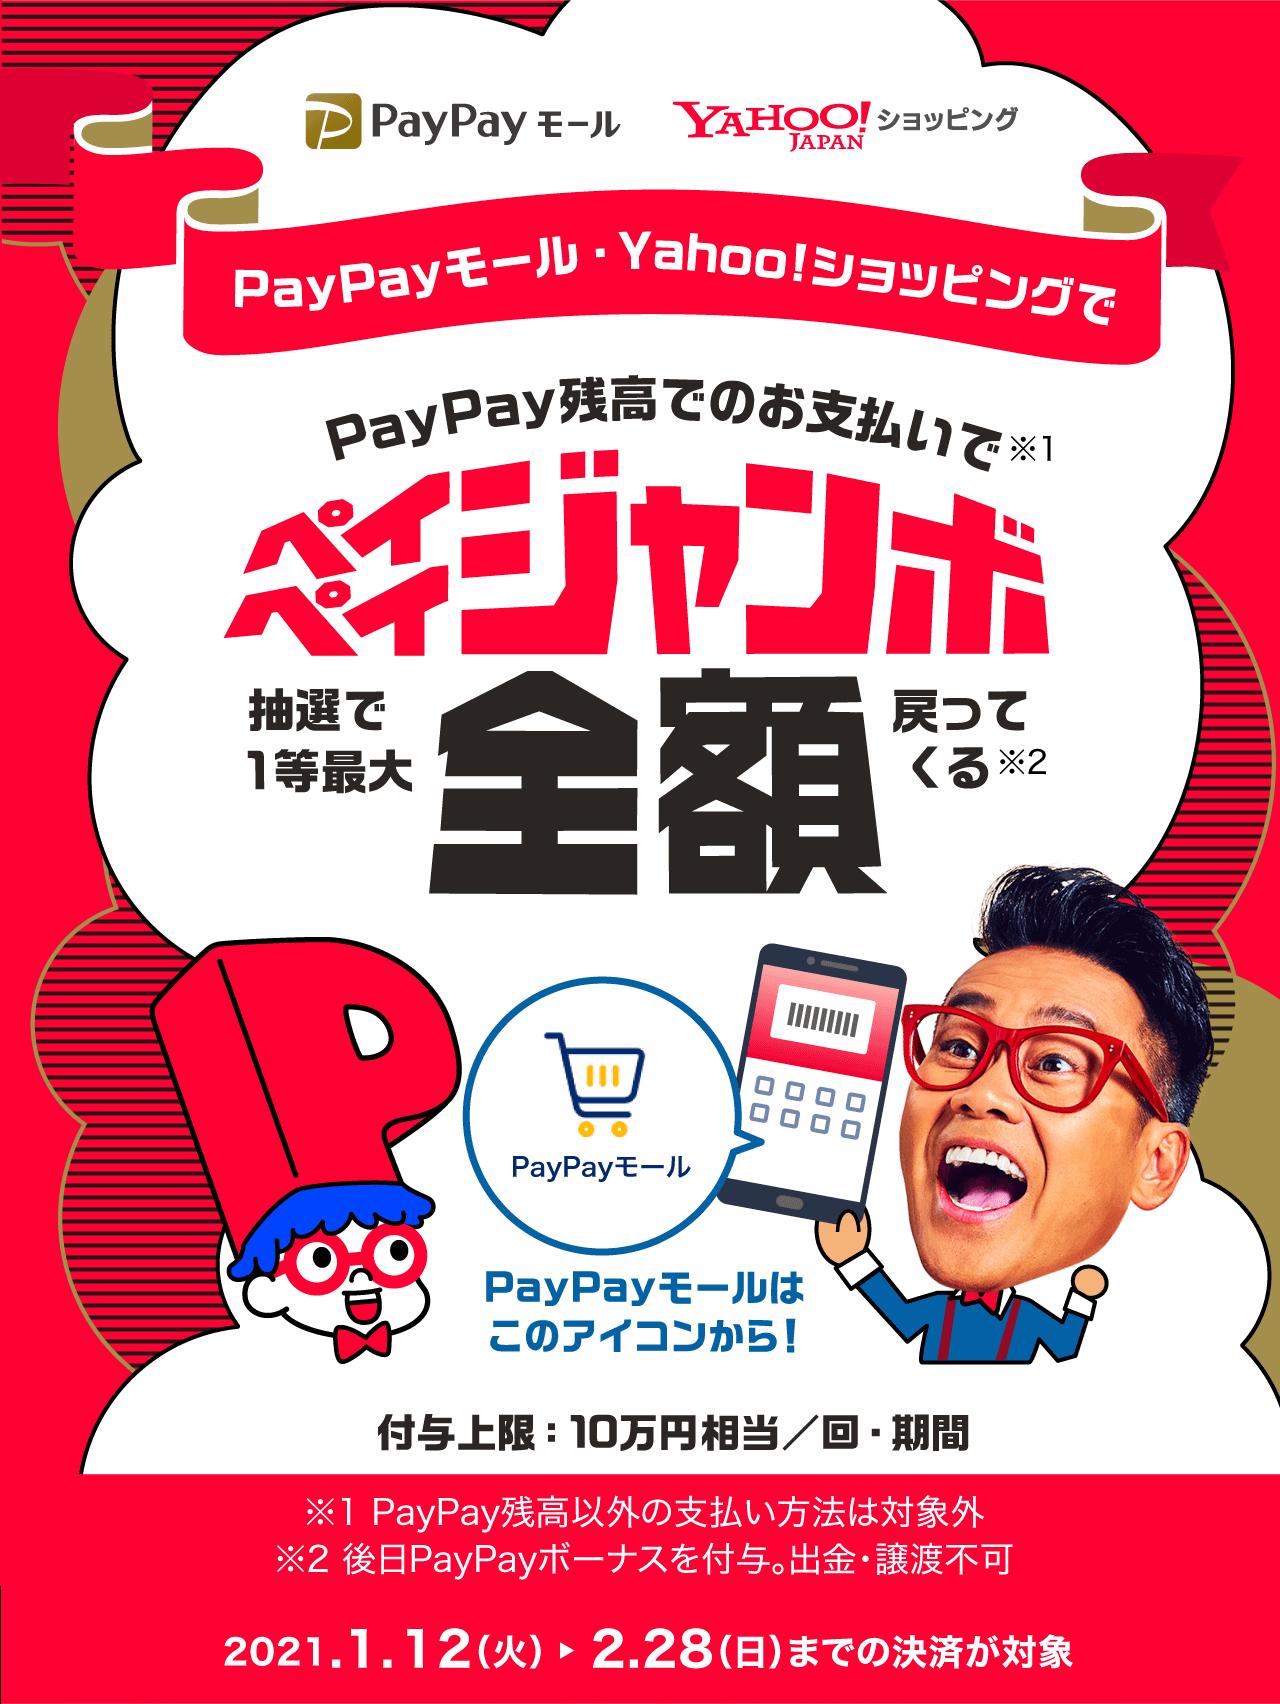 最大全額100%還元!PayPayモールとYahoo!ショッピングで「ペイペイジャンボ」開催!